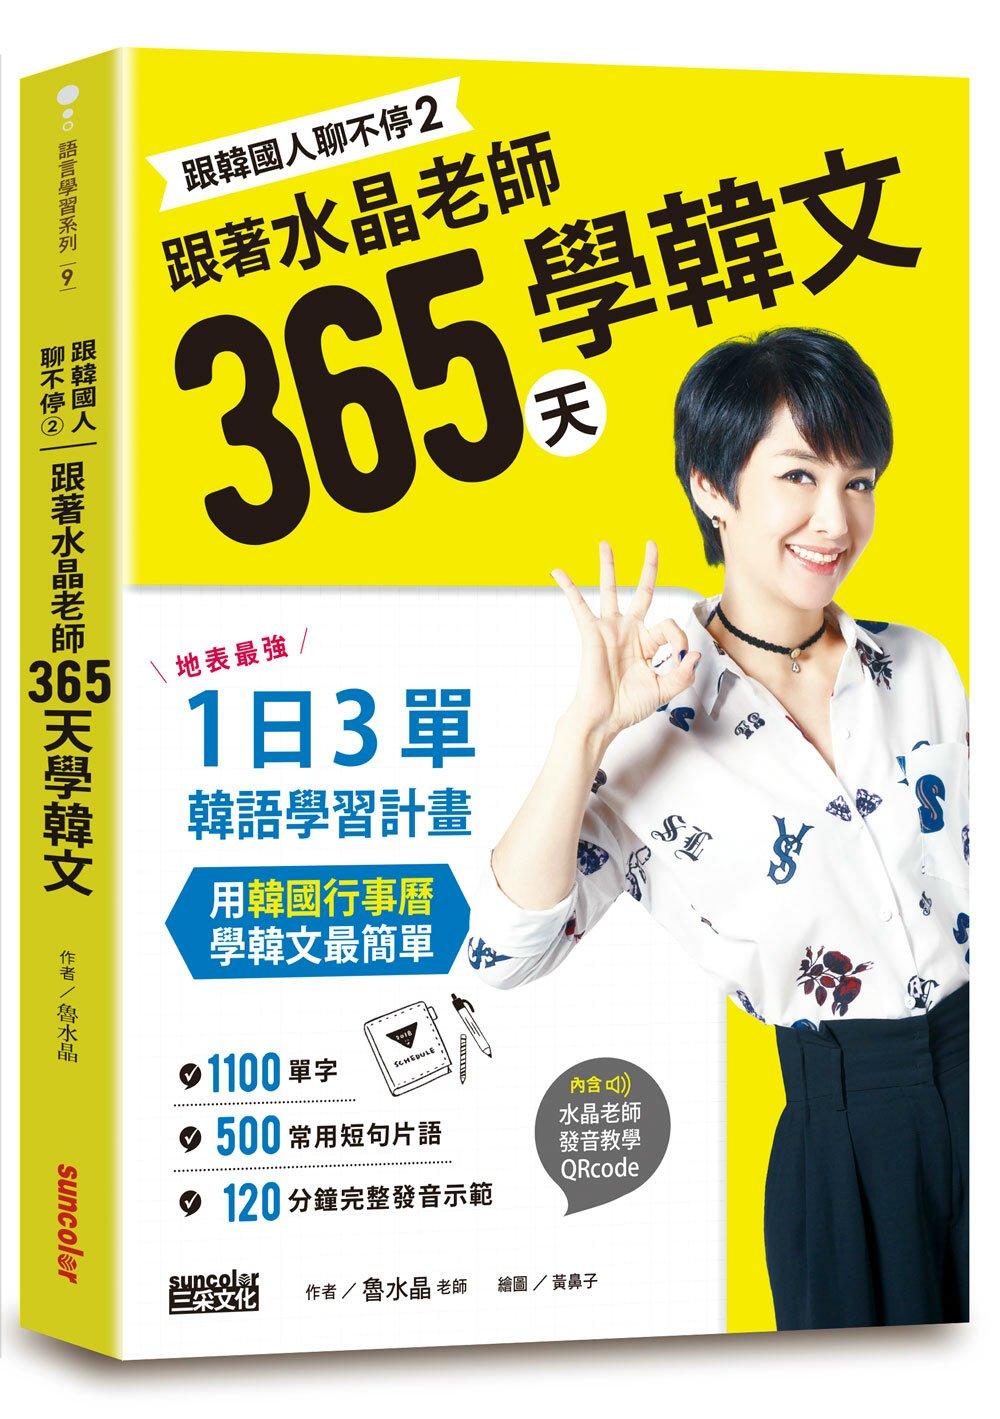 跟韓國人聊不停2 跟著水晶老師365天學韓文:地表最強一日3單韓語學習計畫,用韓國行事曆學韓文最簡單